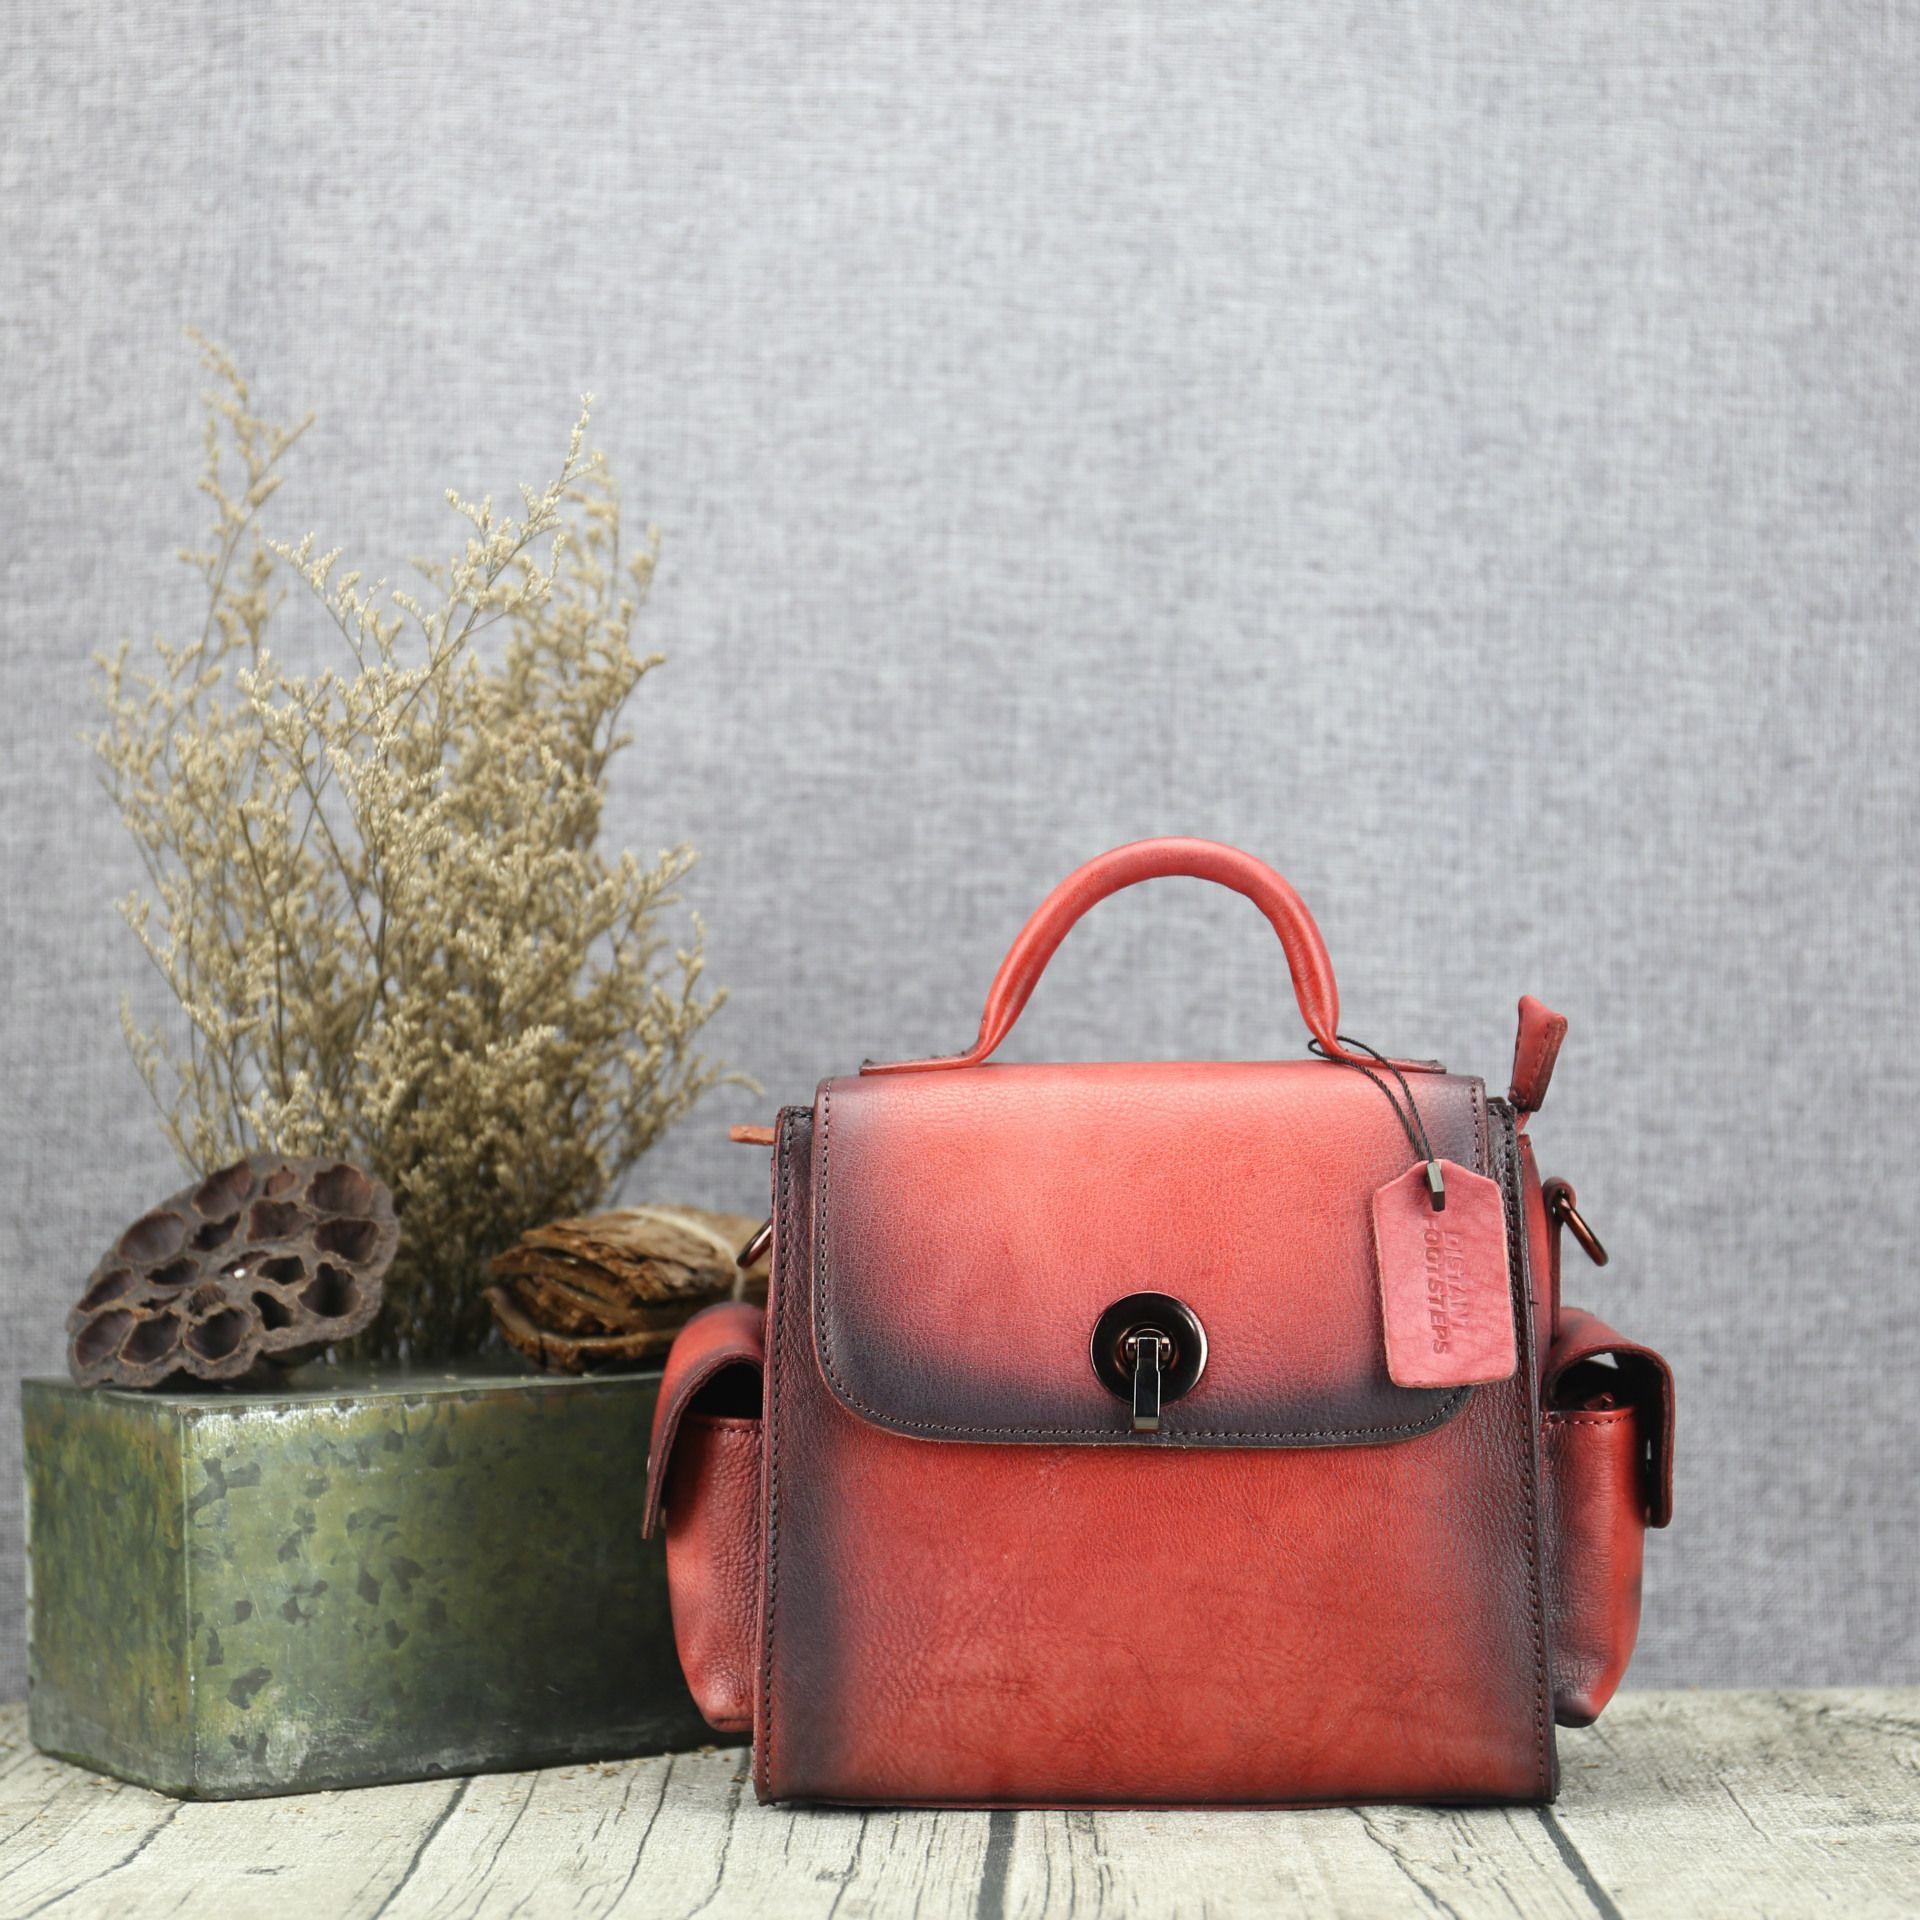 Tasarımcı Çanta Tüm Markalar çanta kadın çantası moda hediye güzel çantalar noel hediye çantası kozmetik seyahat çantaları ücretsiz gemi